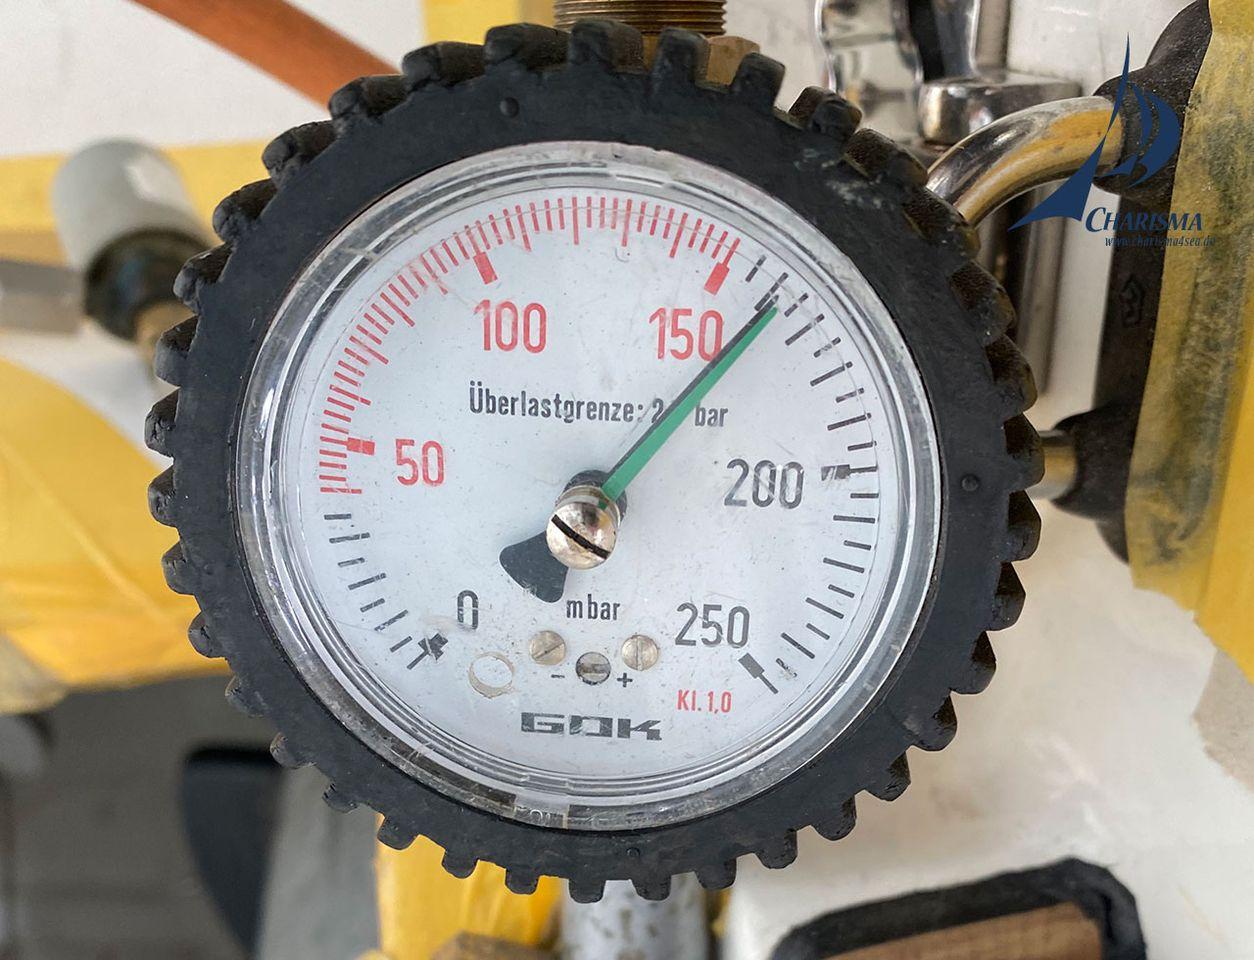 Prüfung der Gasanlage